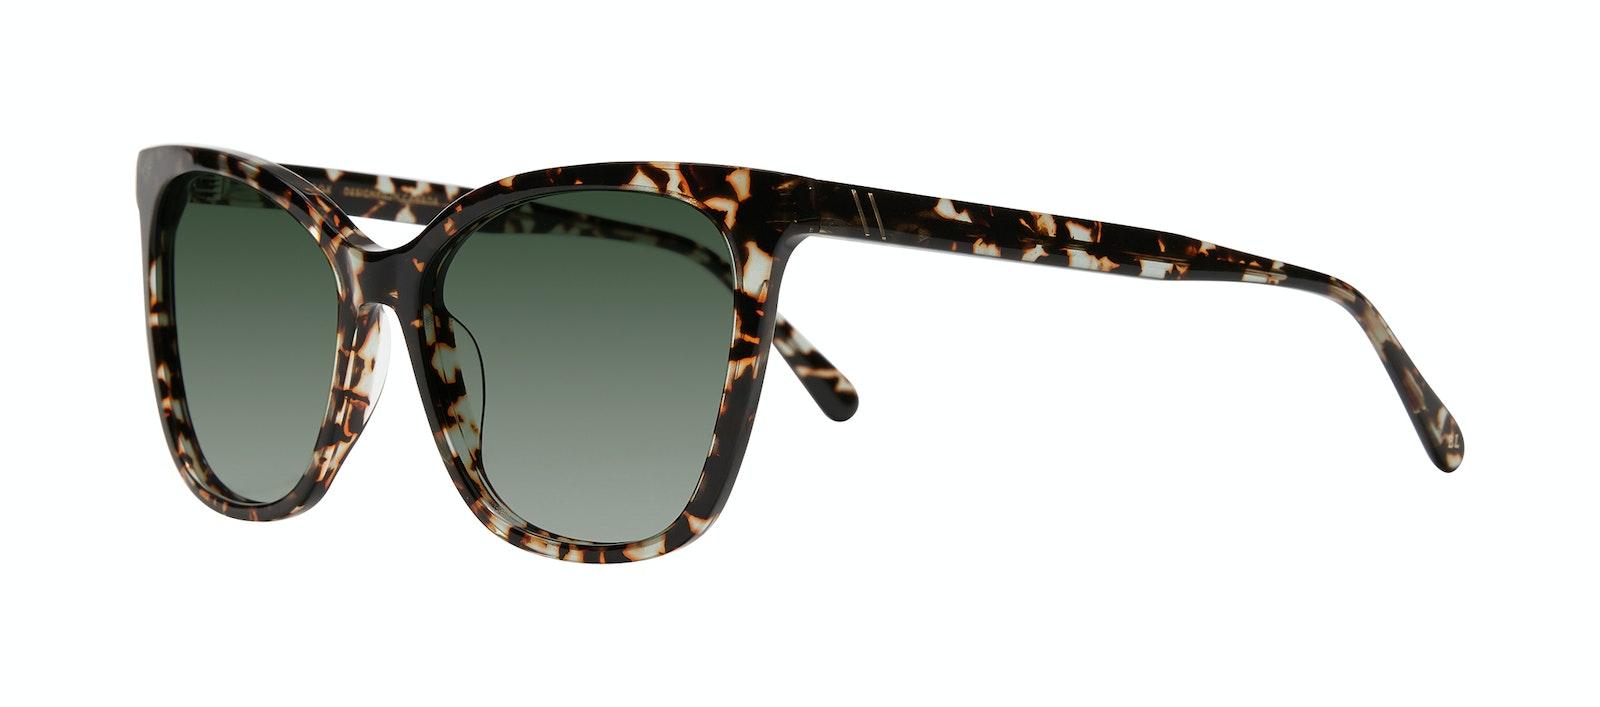 Affordable Fashion Glasses Cat Eye Sunglasses Women Klee M Sunset Tort Tilt